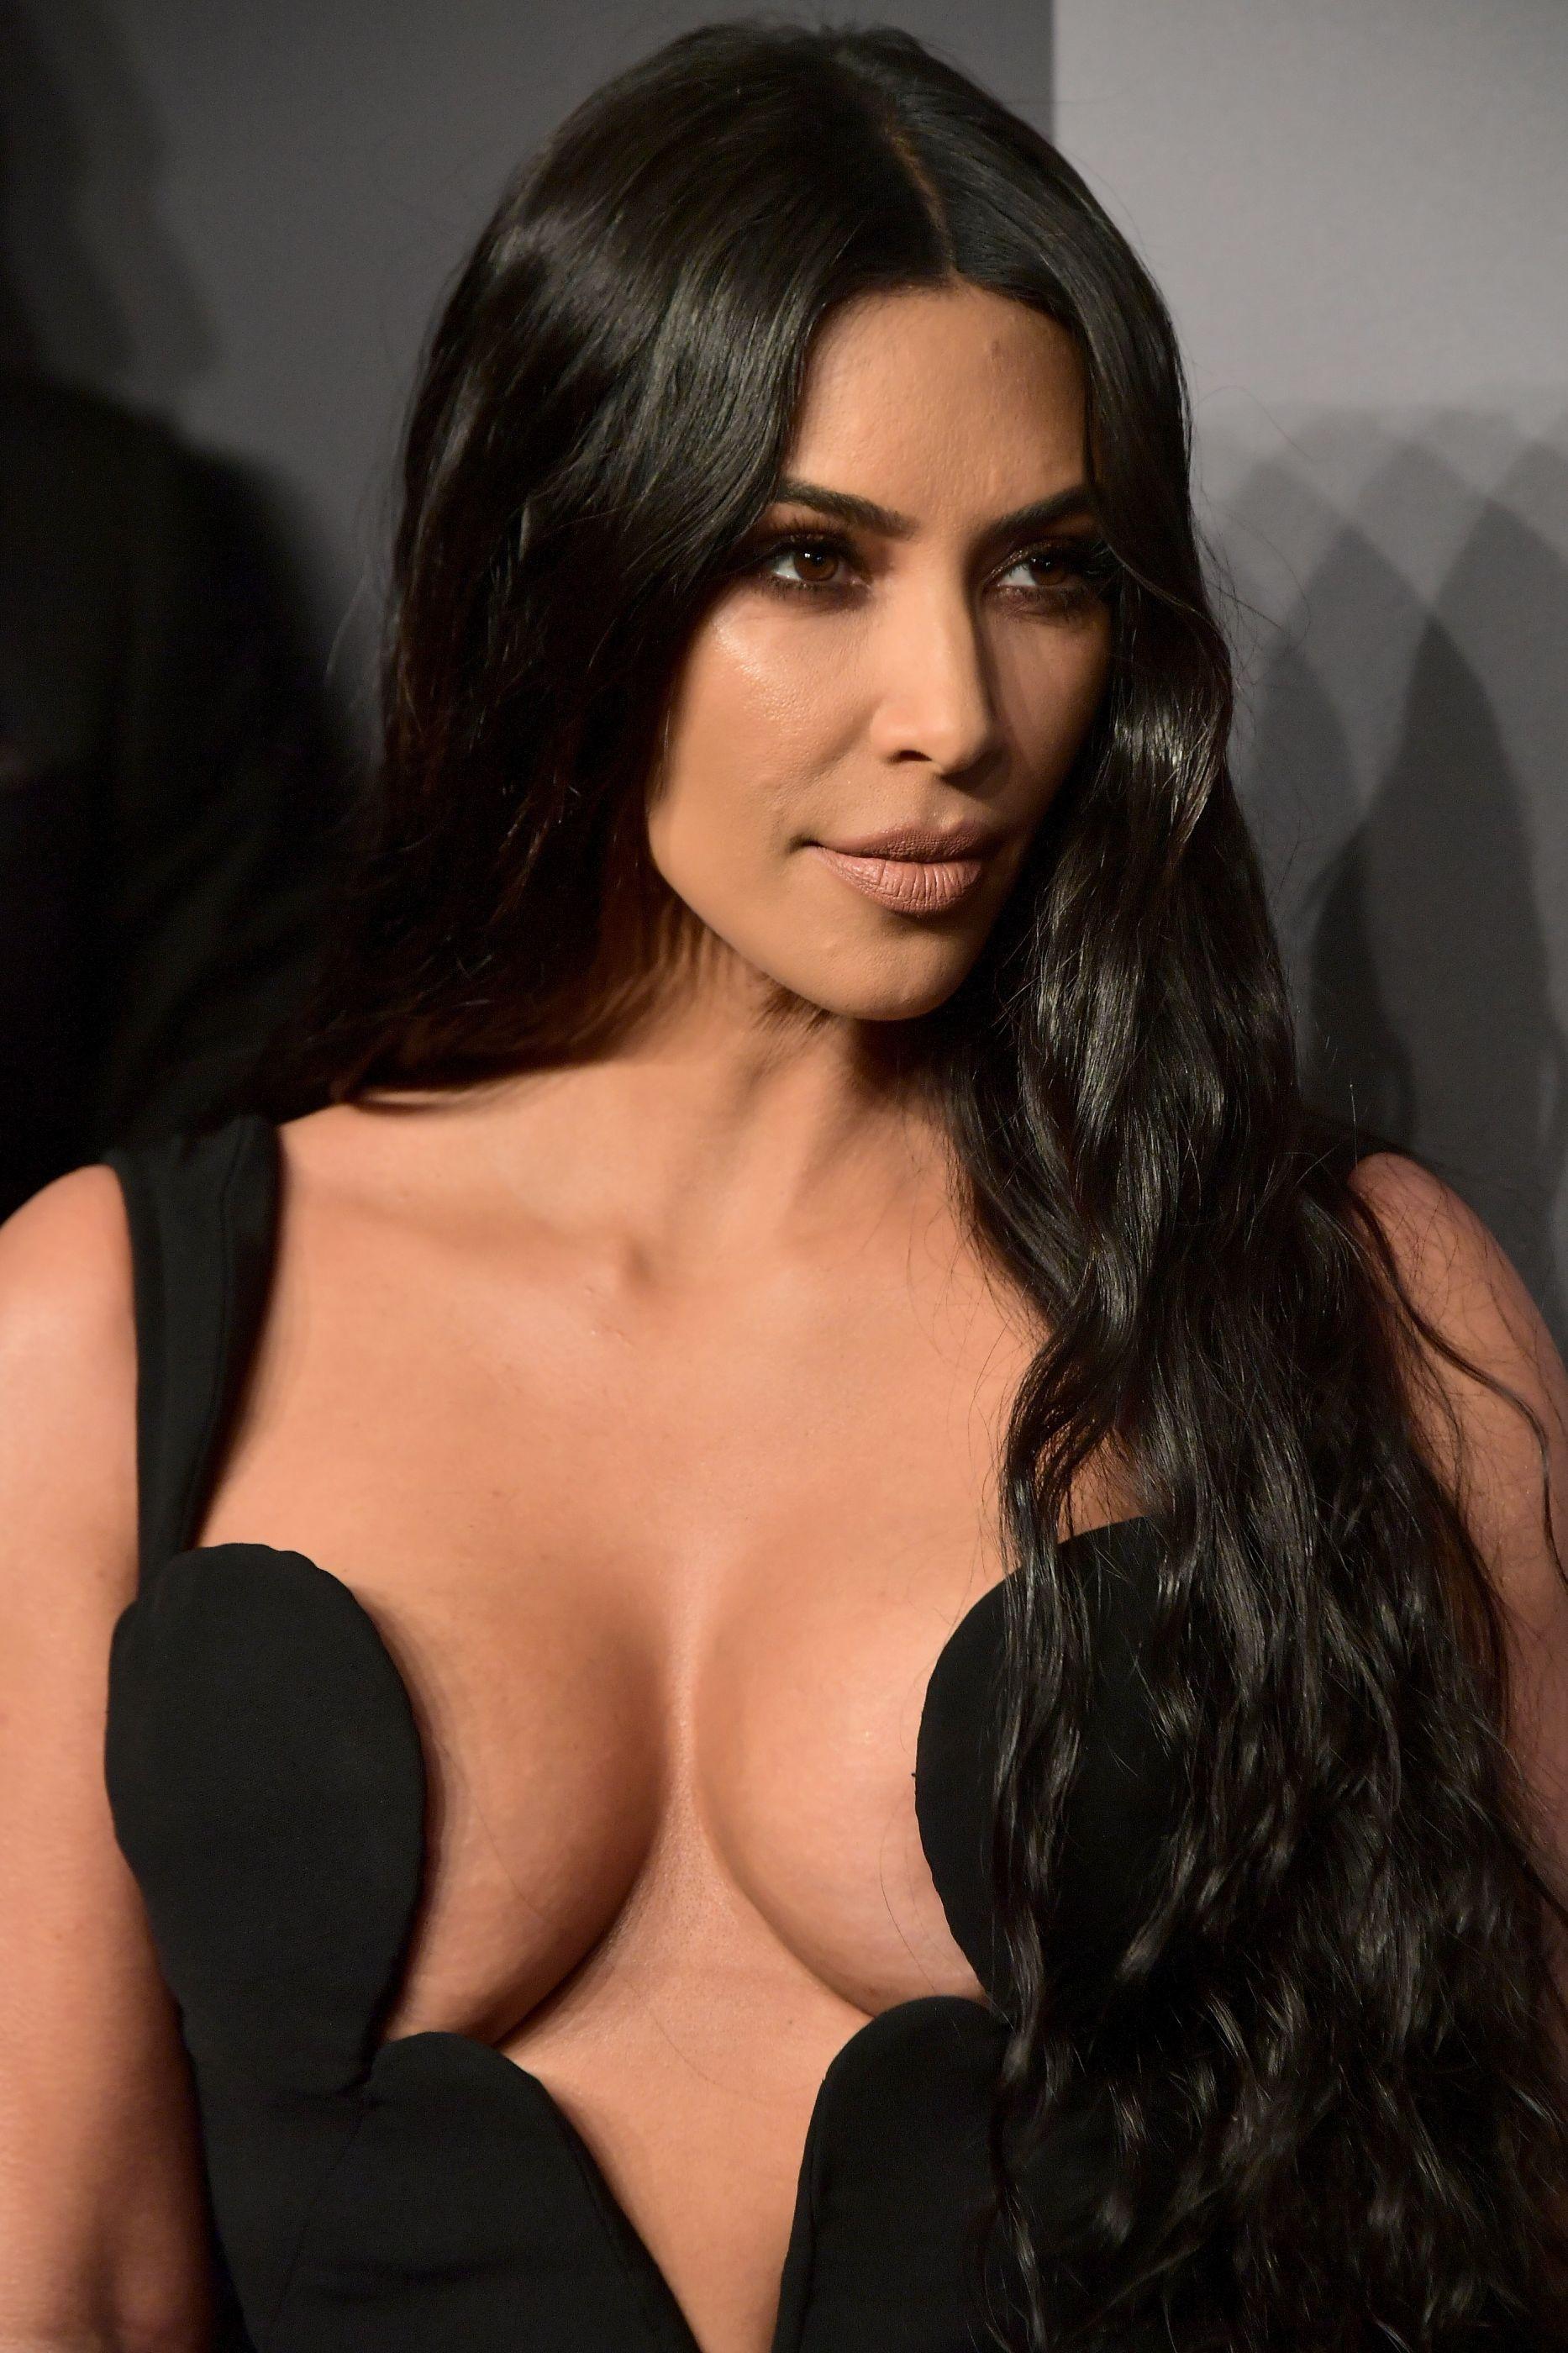 O decote 'explosivo' de Kim Kardashian que não deixou ninguém indiferente